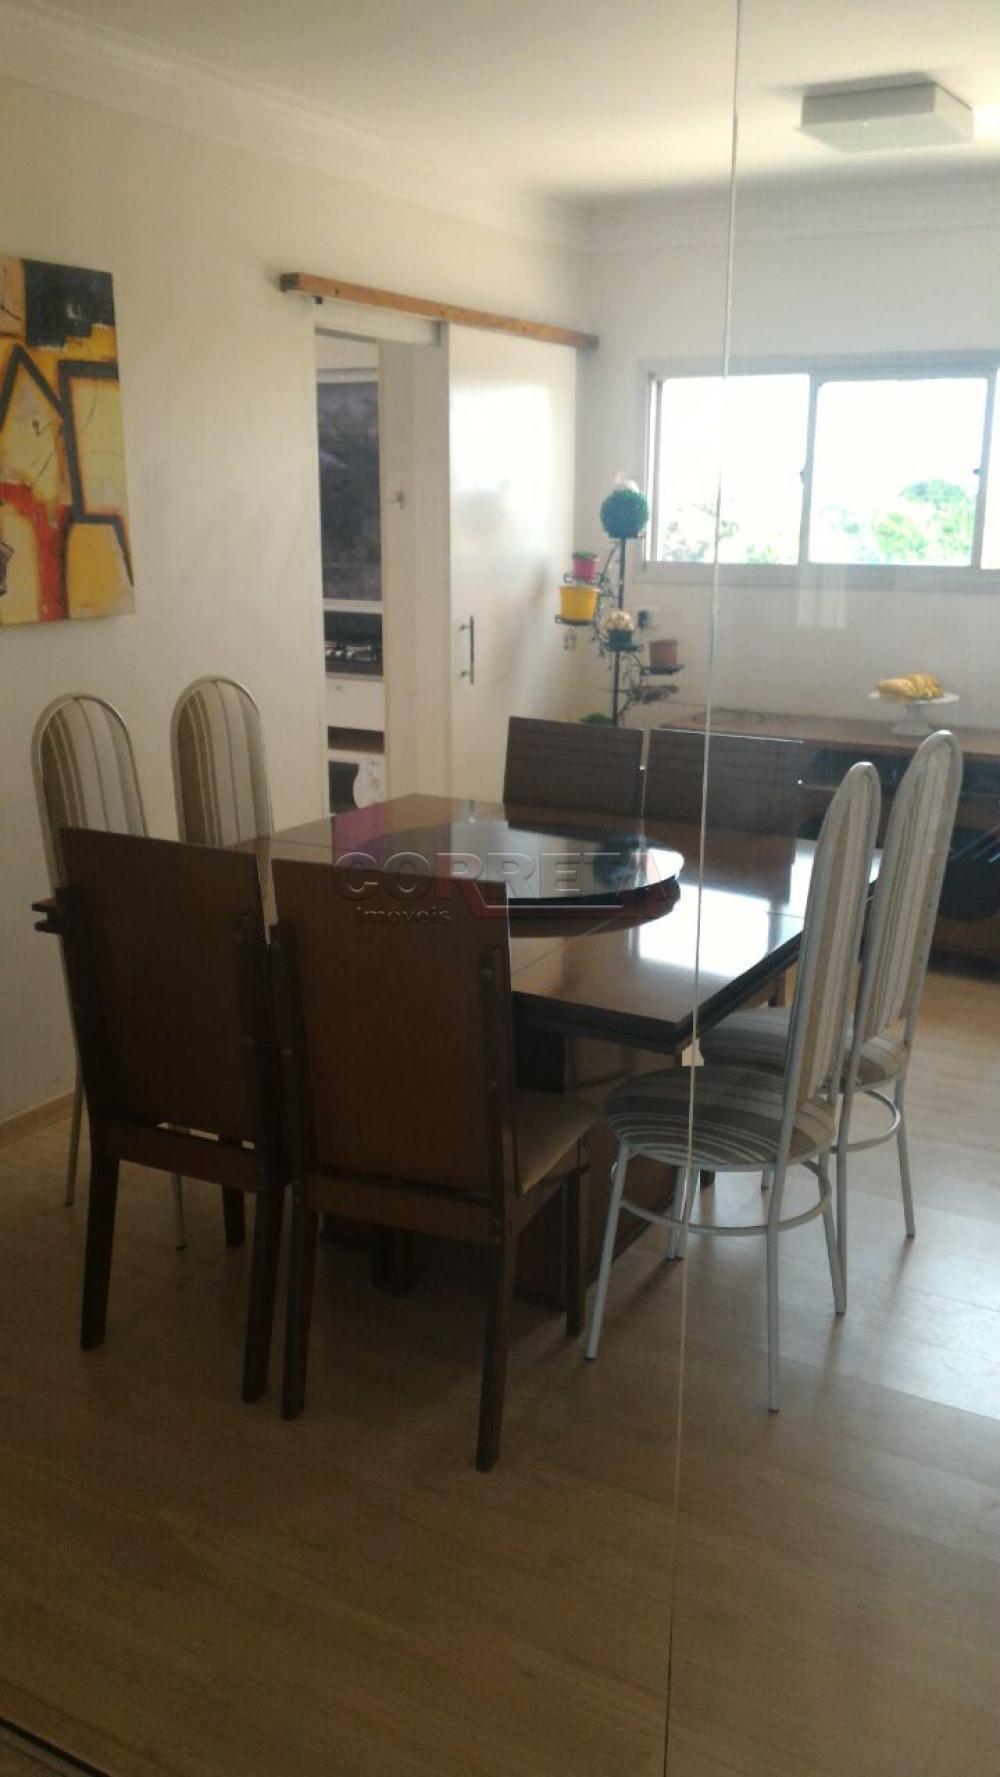 Comprar Apartamento / Padrão em Araçatuba apenas R$ 480.000,00 - Foto 9